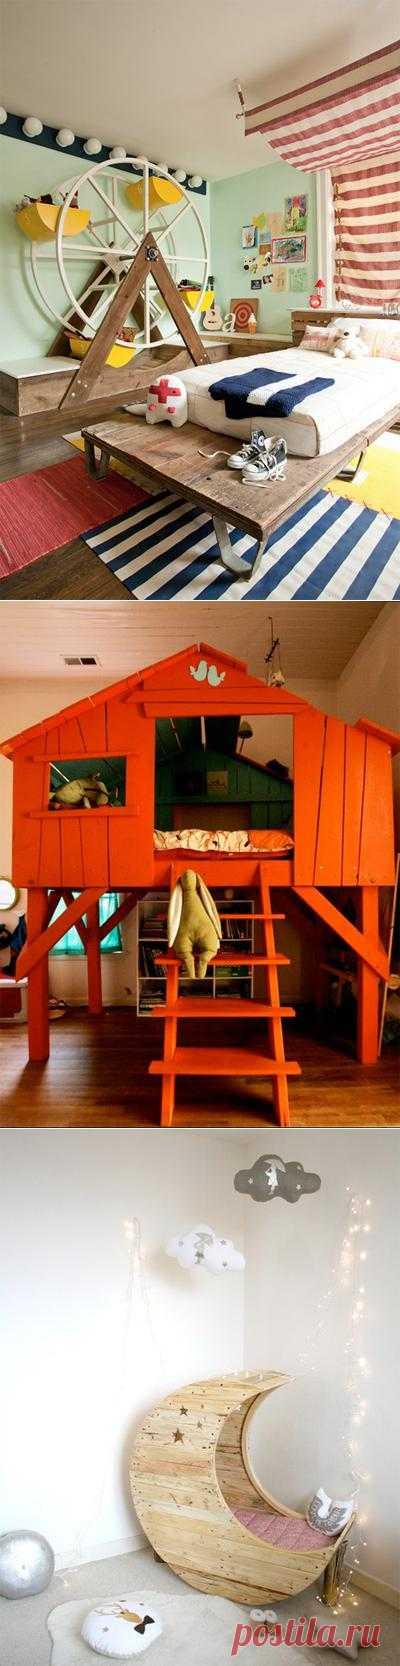 Сумасшедшие идеи для детских комнат. Для родителей-фантазеров.